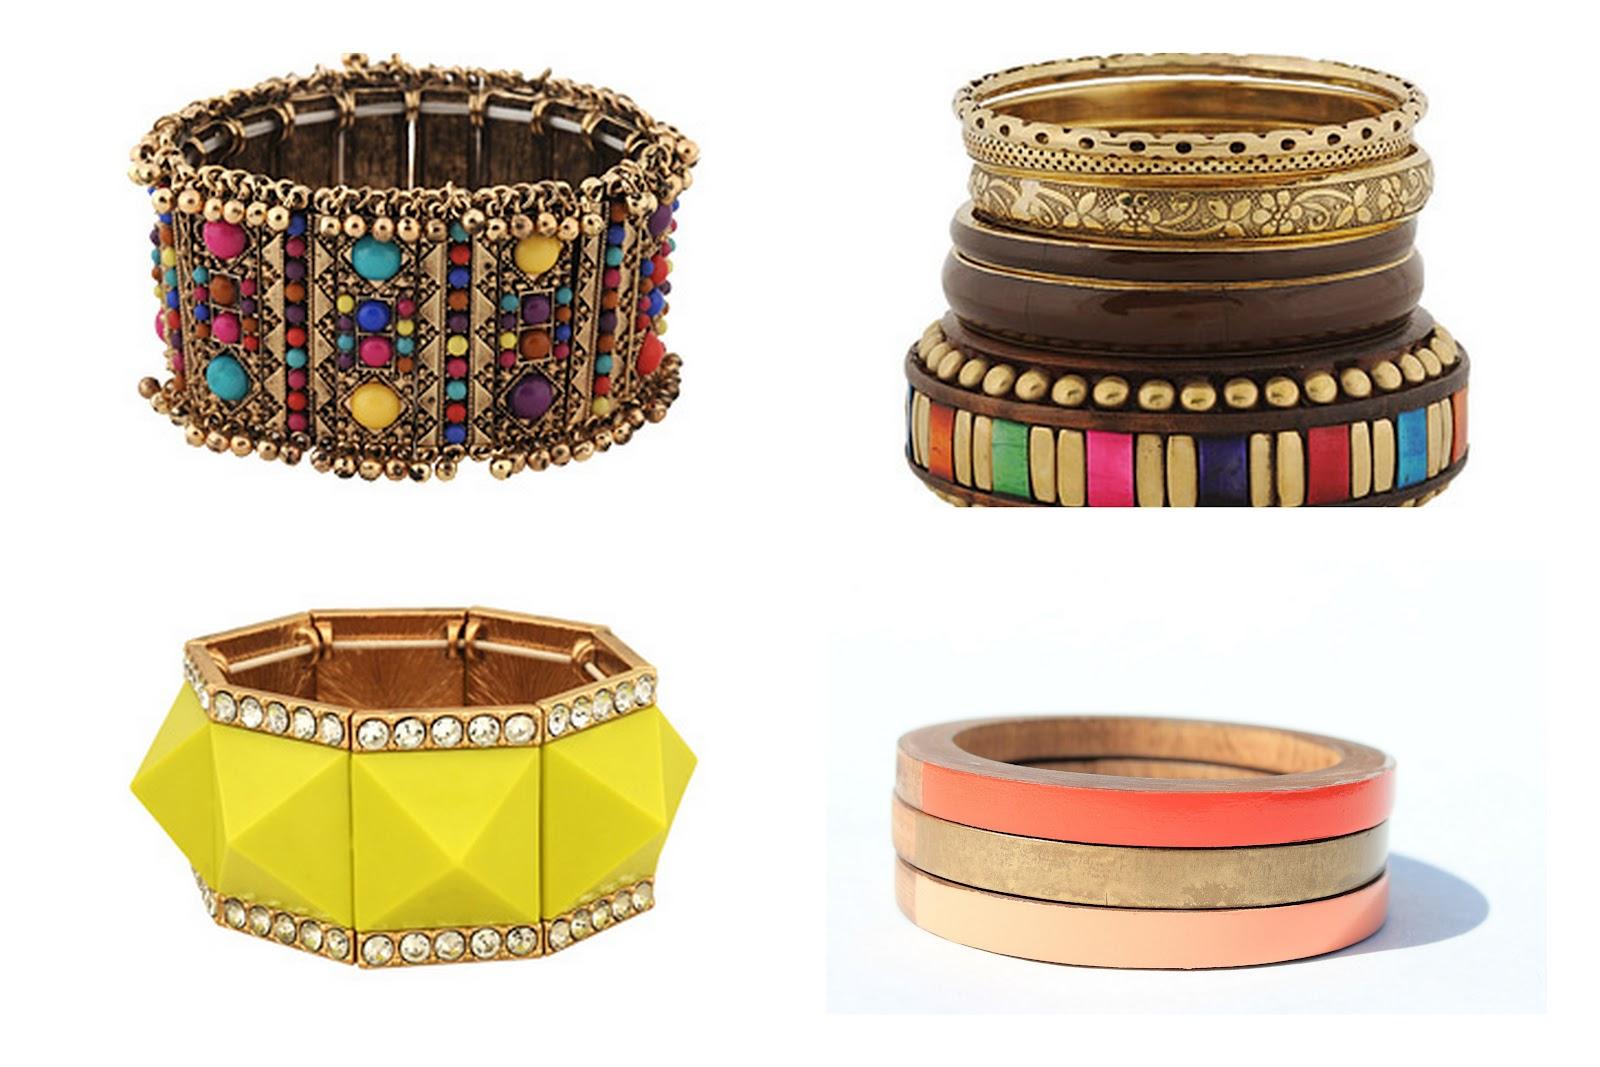 10 bracelets plut t qu 1 ma boh me chic - Bracelets bresiliens originaux ...